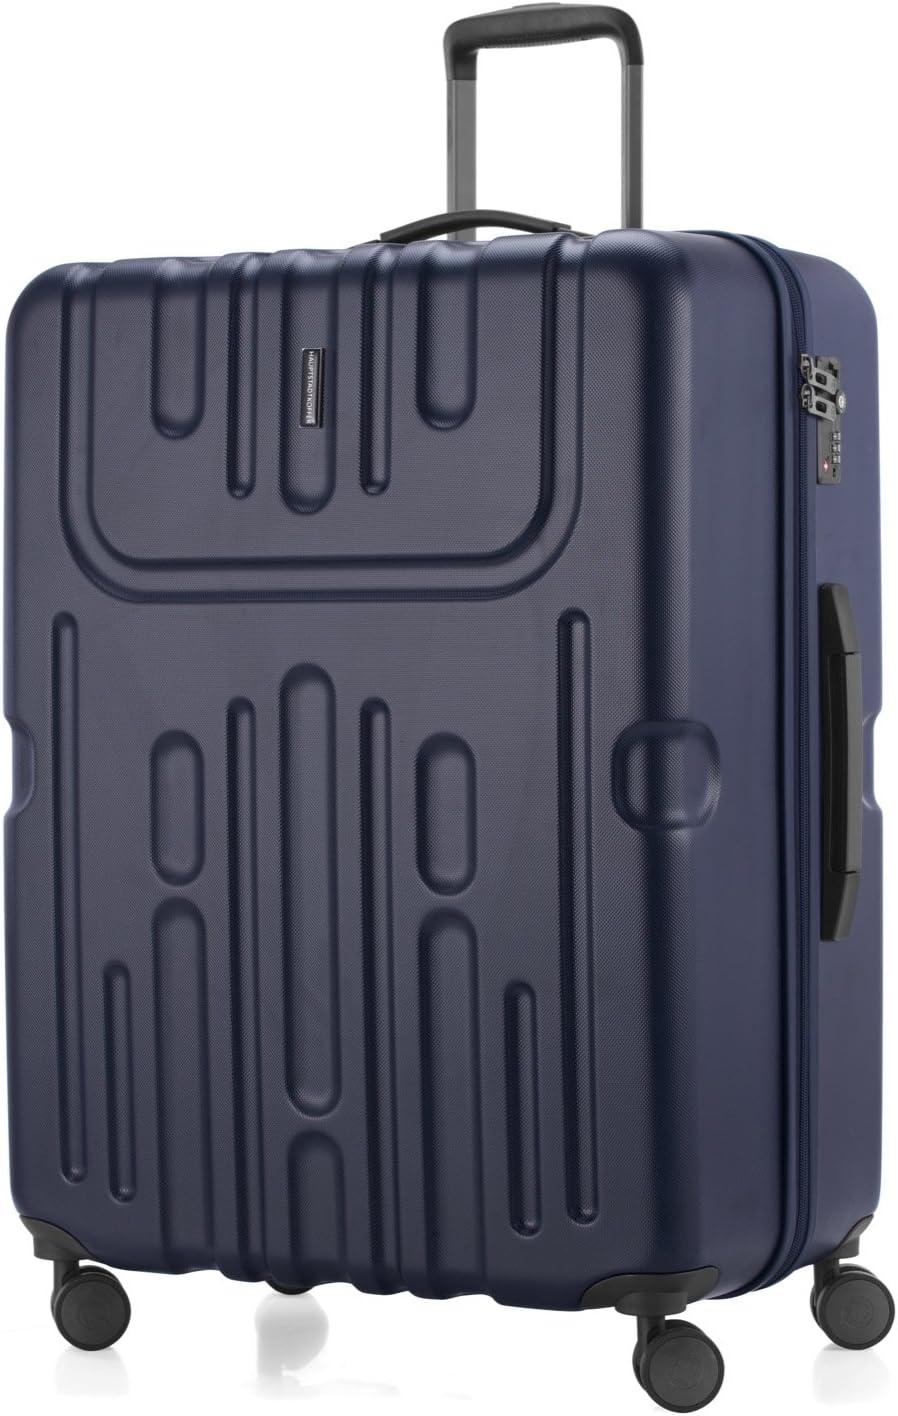 HAUPTSTADTKOFFER TSA Trolley ABS Valigia da viaggio rigida e legera Blu scuro Havel grande 73 cm 111 litri